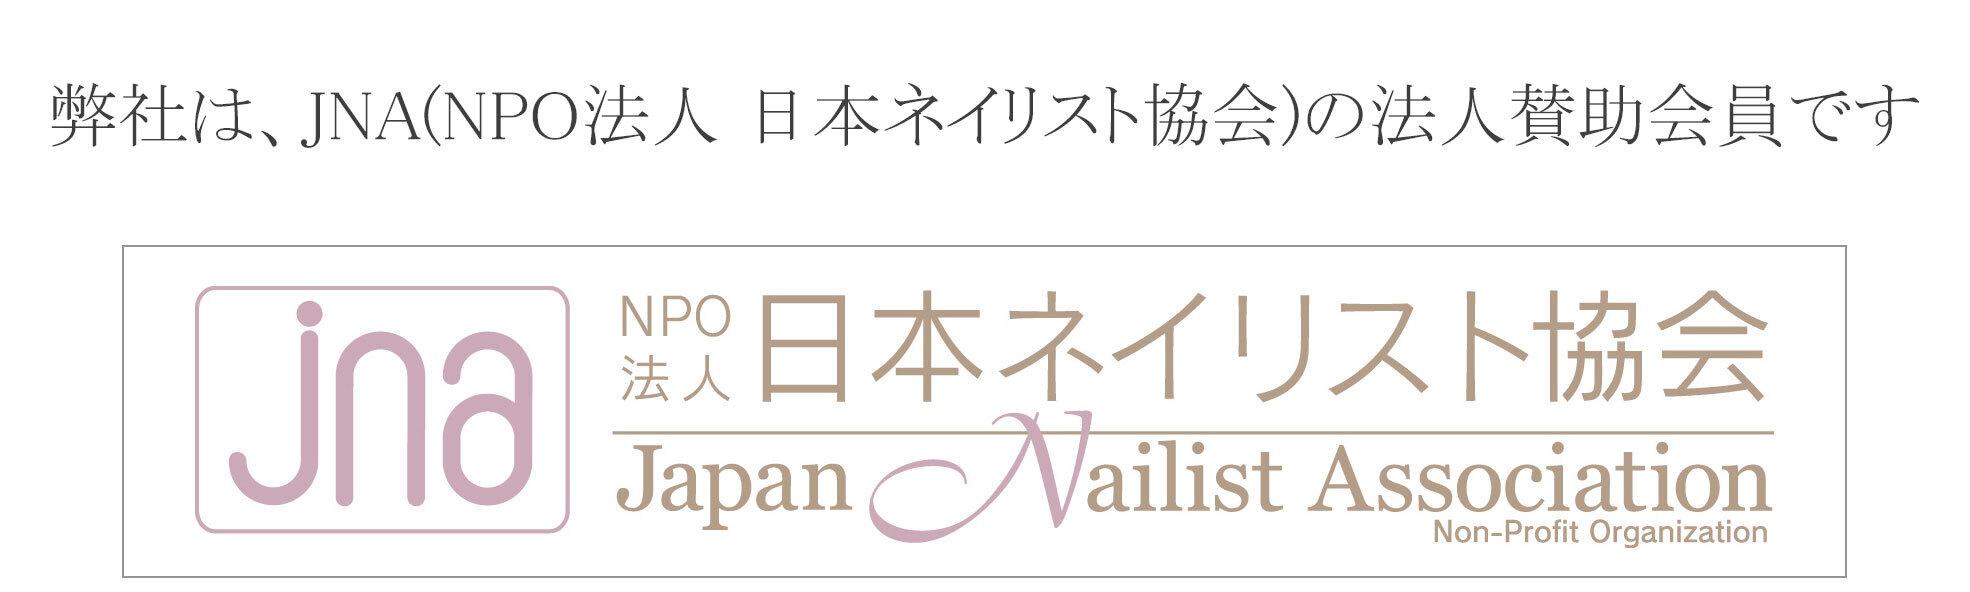 弊社は、JNA(NPO法人日本ネイリスト協会)の法人賛助会員です